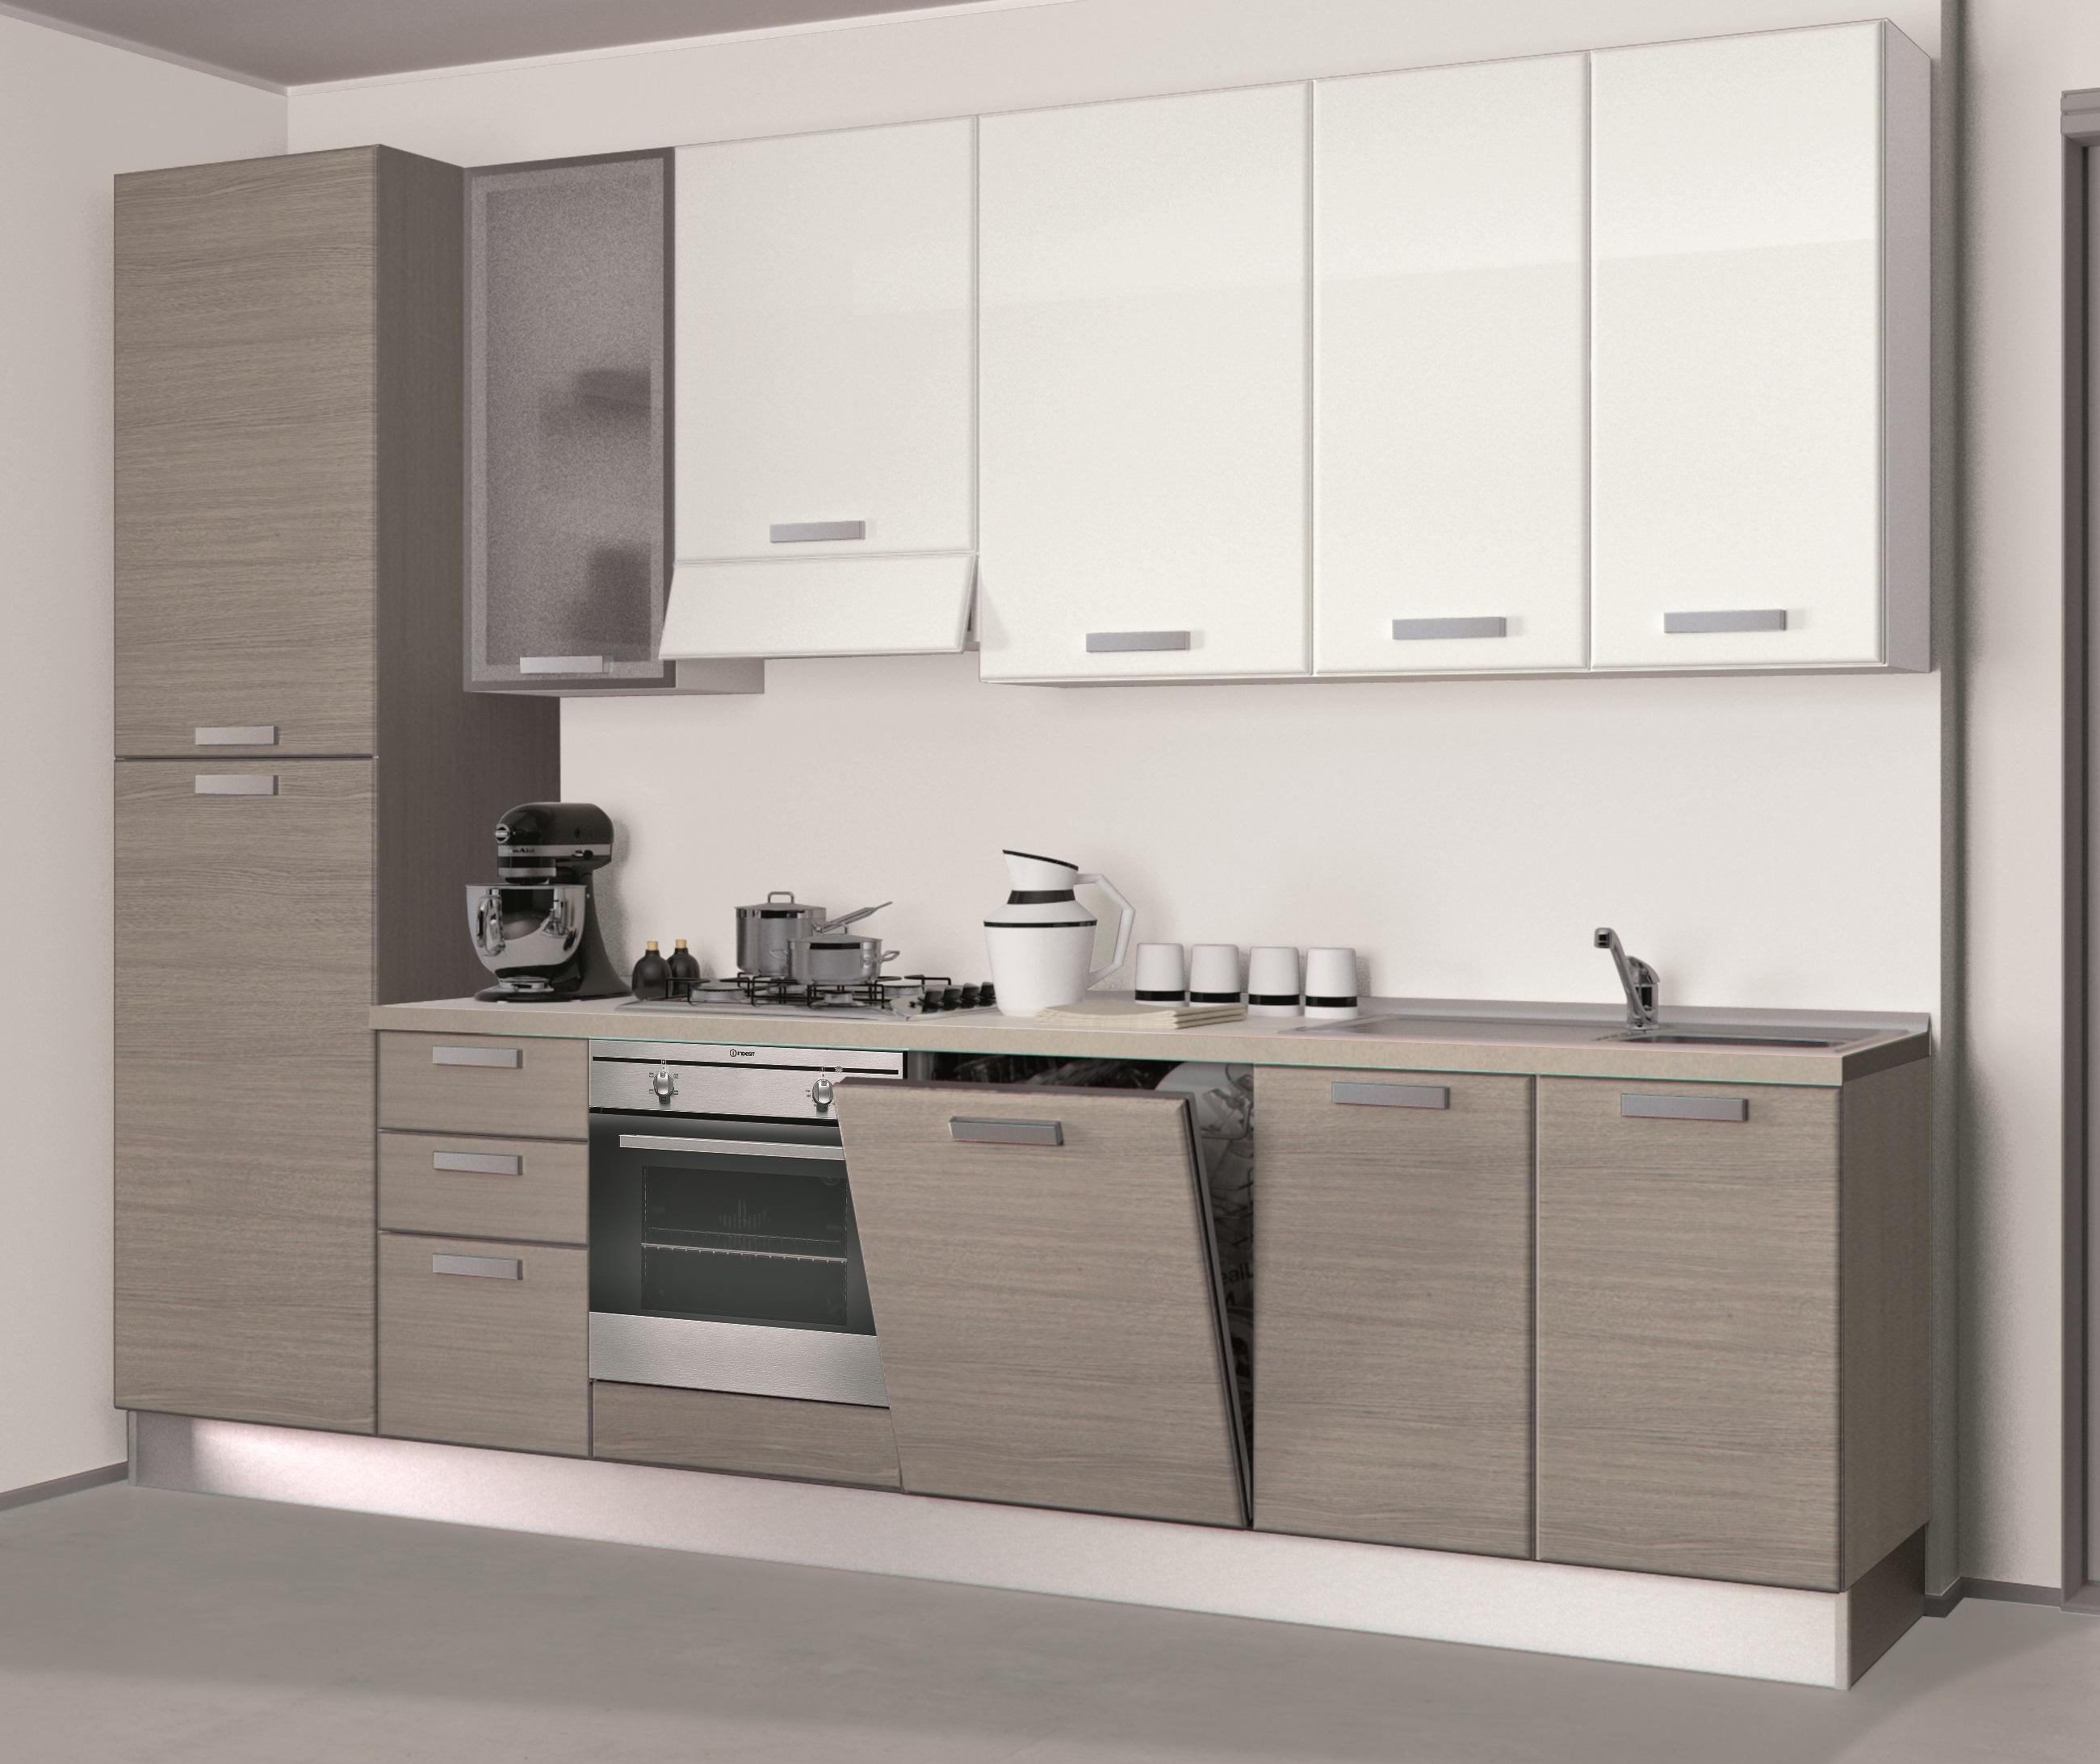 Promo 118l arredamenti centro cucine battistelli eric for Discount arredamenti